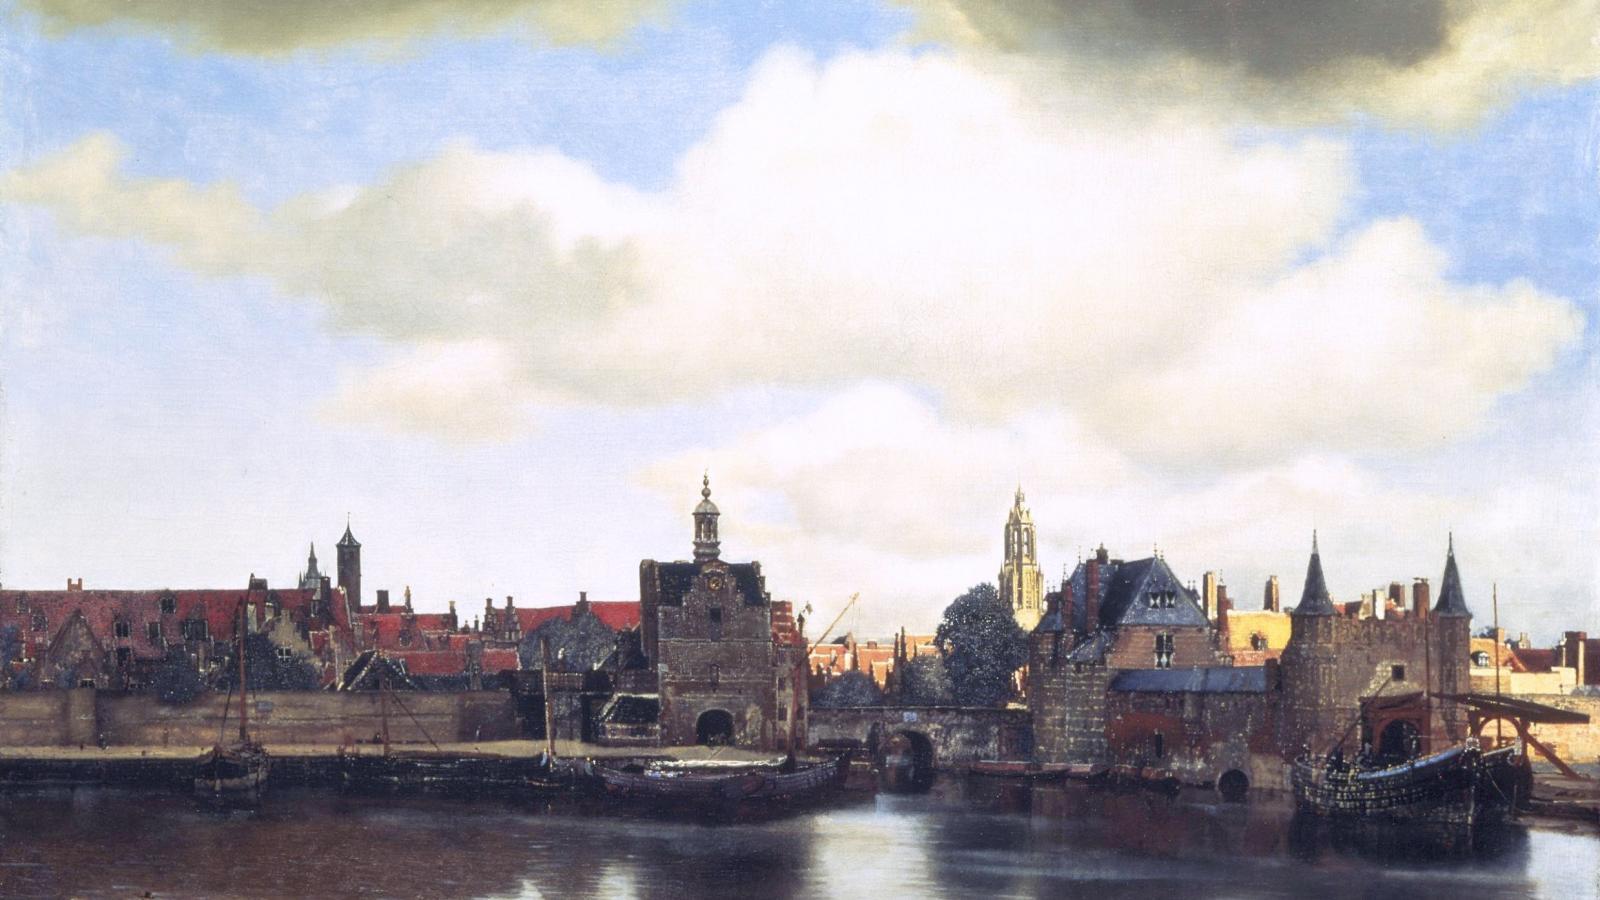 johannes vermeer artwork paintings best widescreen background .